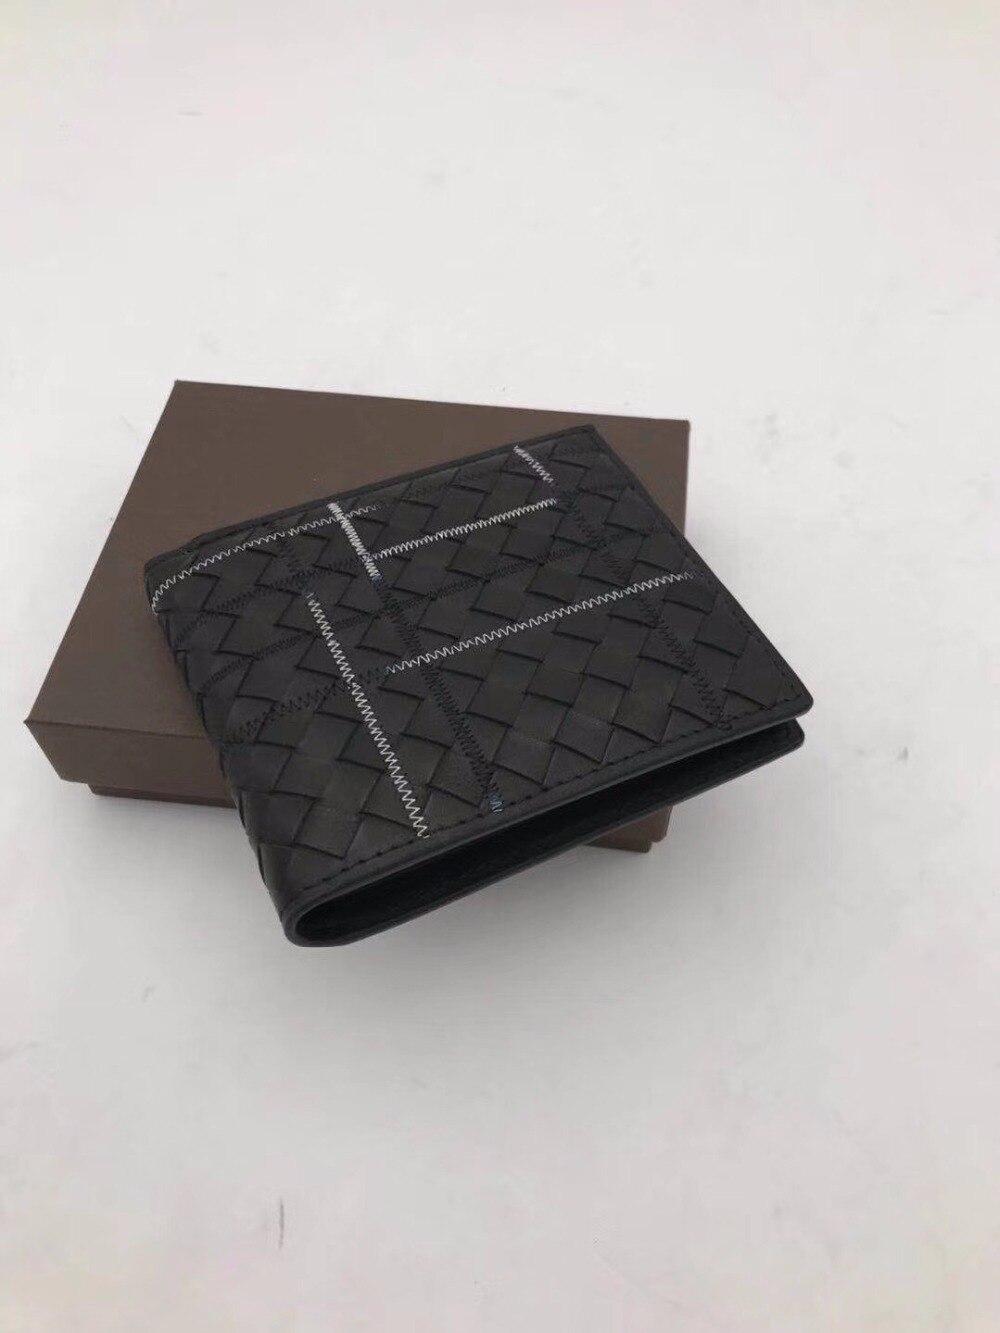 Généreux Haute Vachette De Un Tricoté Cuir Véritable À Simple La Main En Noir Lourde Petit Qualité L'industrie Sac 2018 H87Yfqwx8